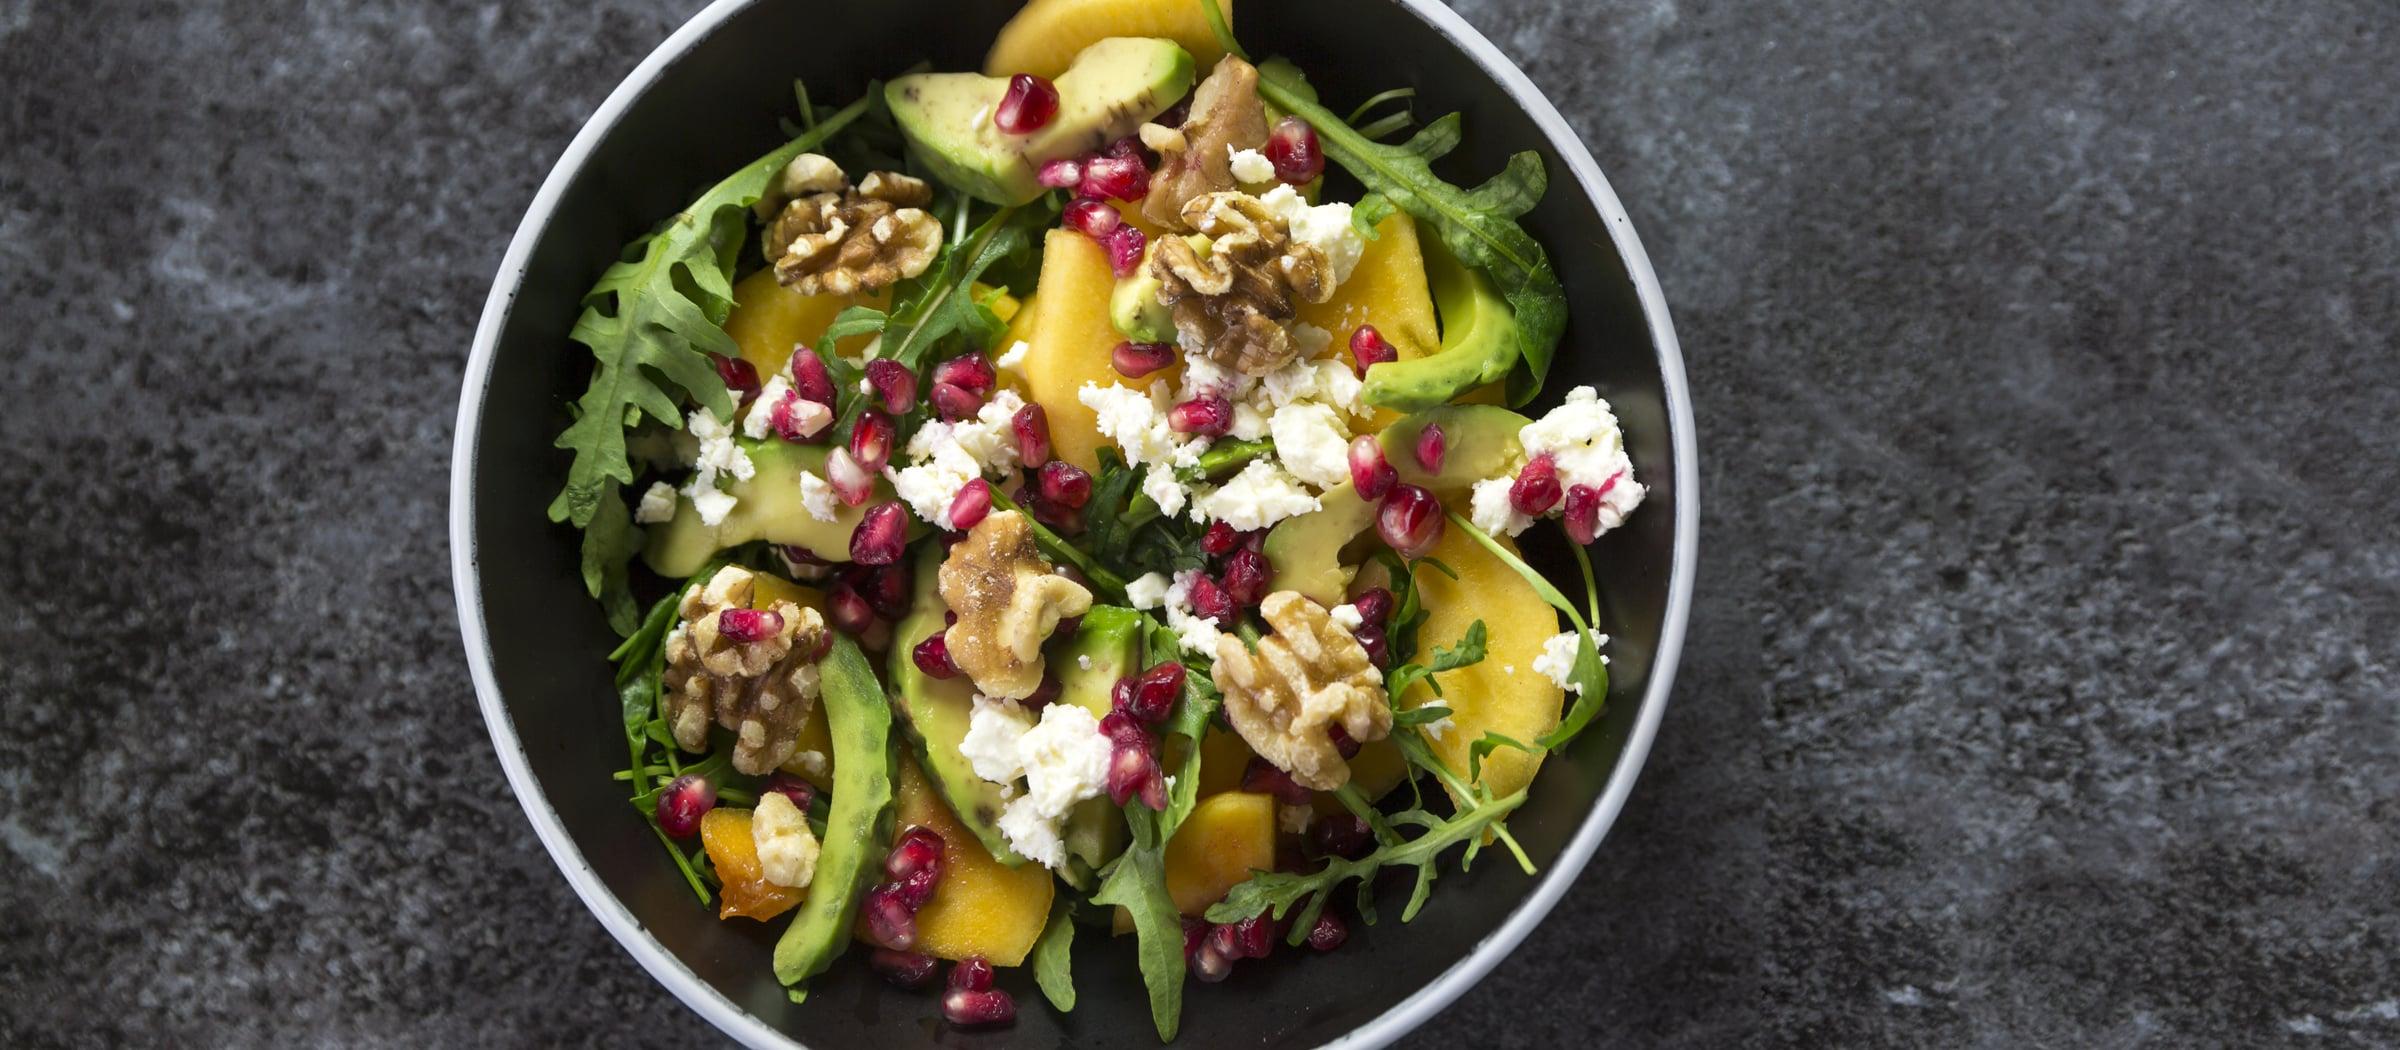 Pistor Inspiration Sommersalate Variationen zum grillieren